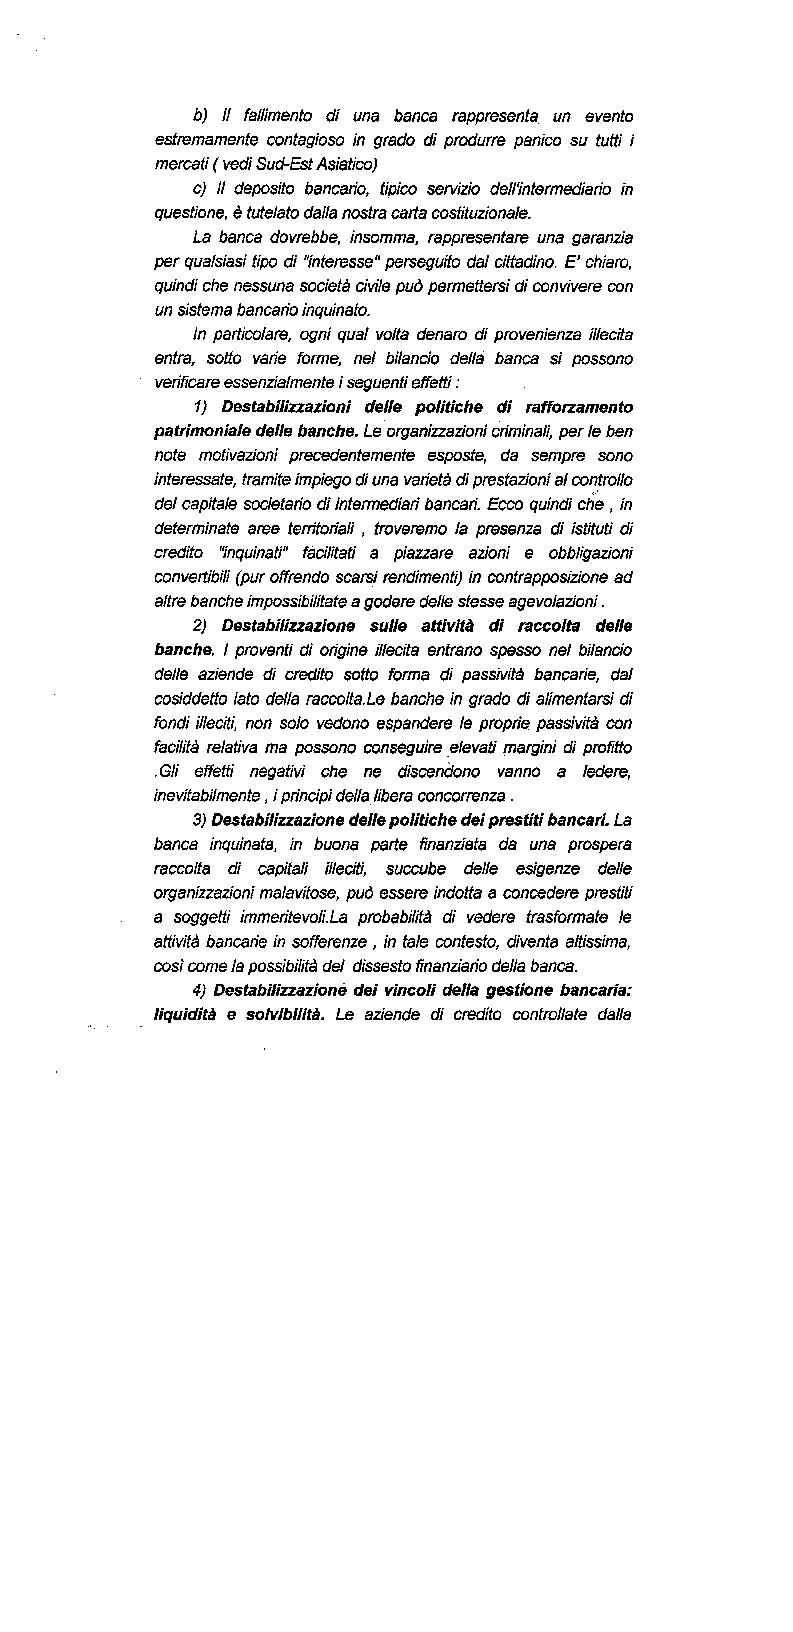 Anteprima della tesi: Il riciclaggio di proventi illeciti nel sistema finanziario contemporaneo, Pagina 6